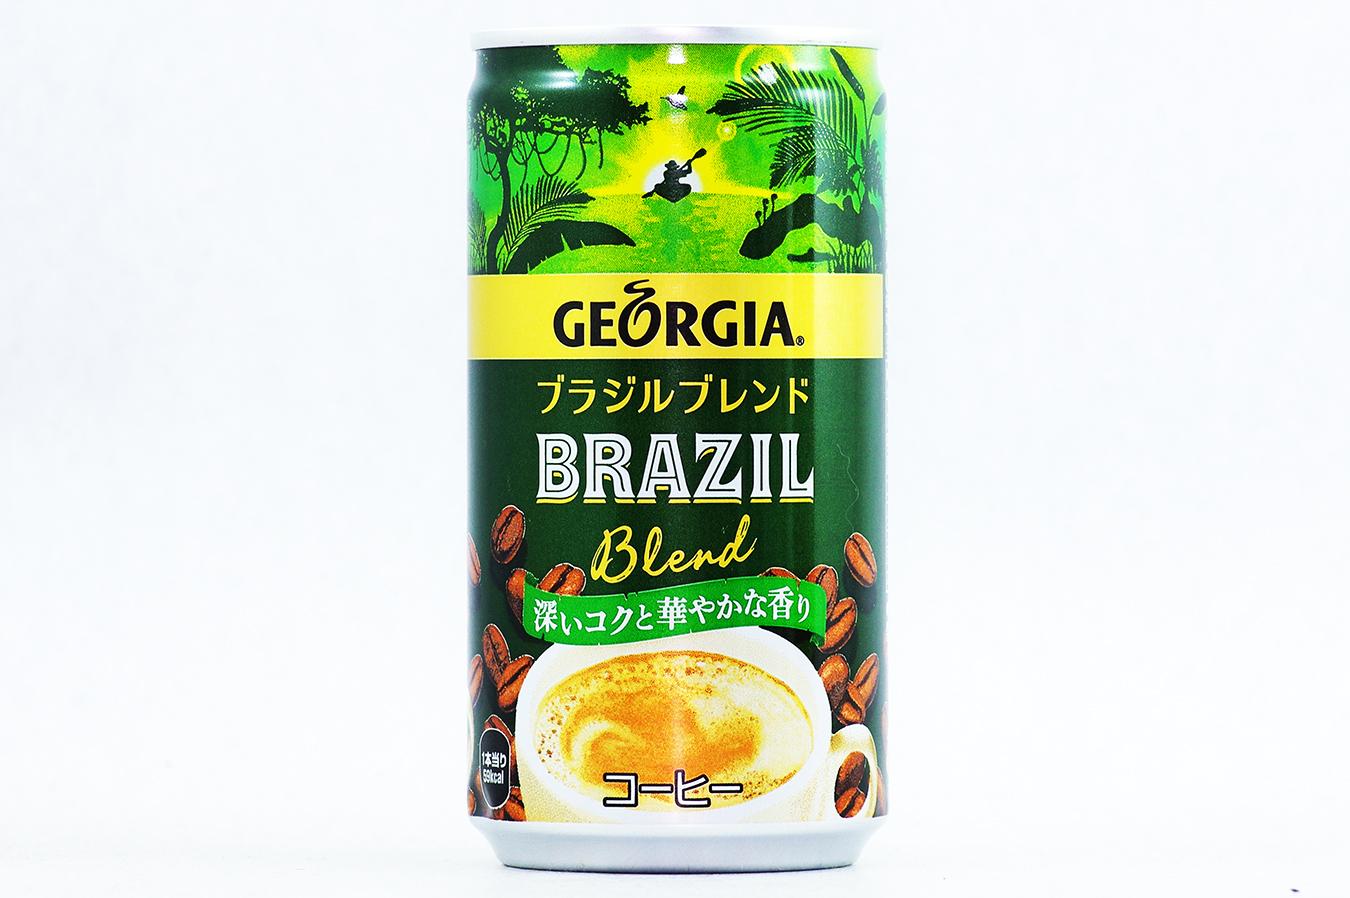 GEORGIA ブラジルブレンド 2018年1月